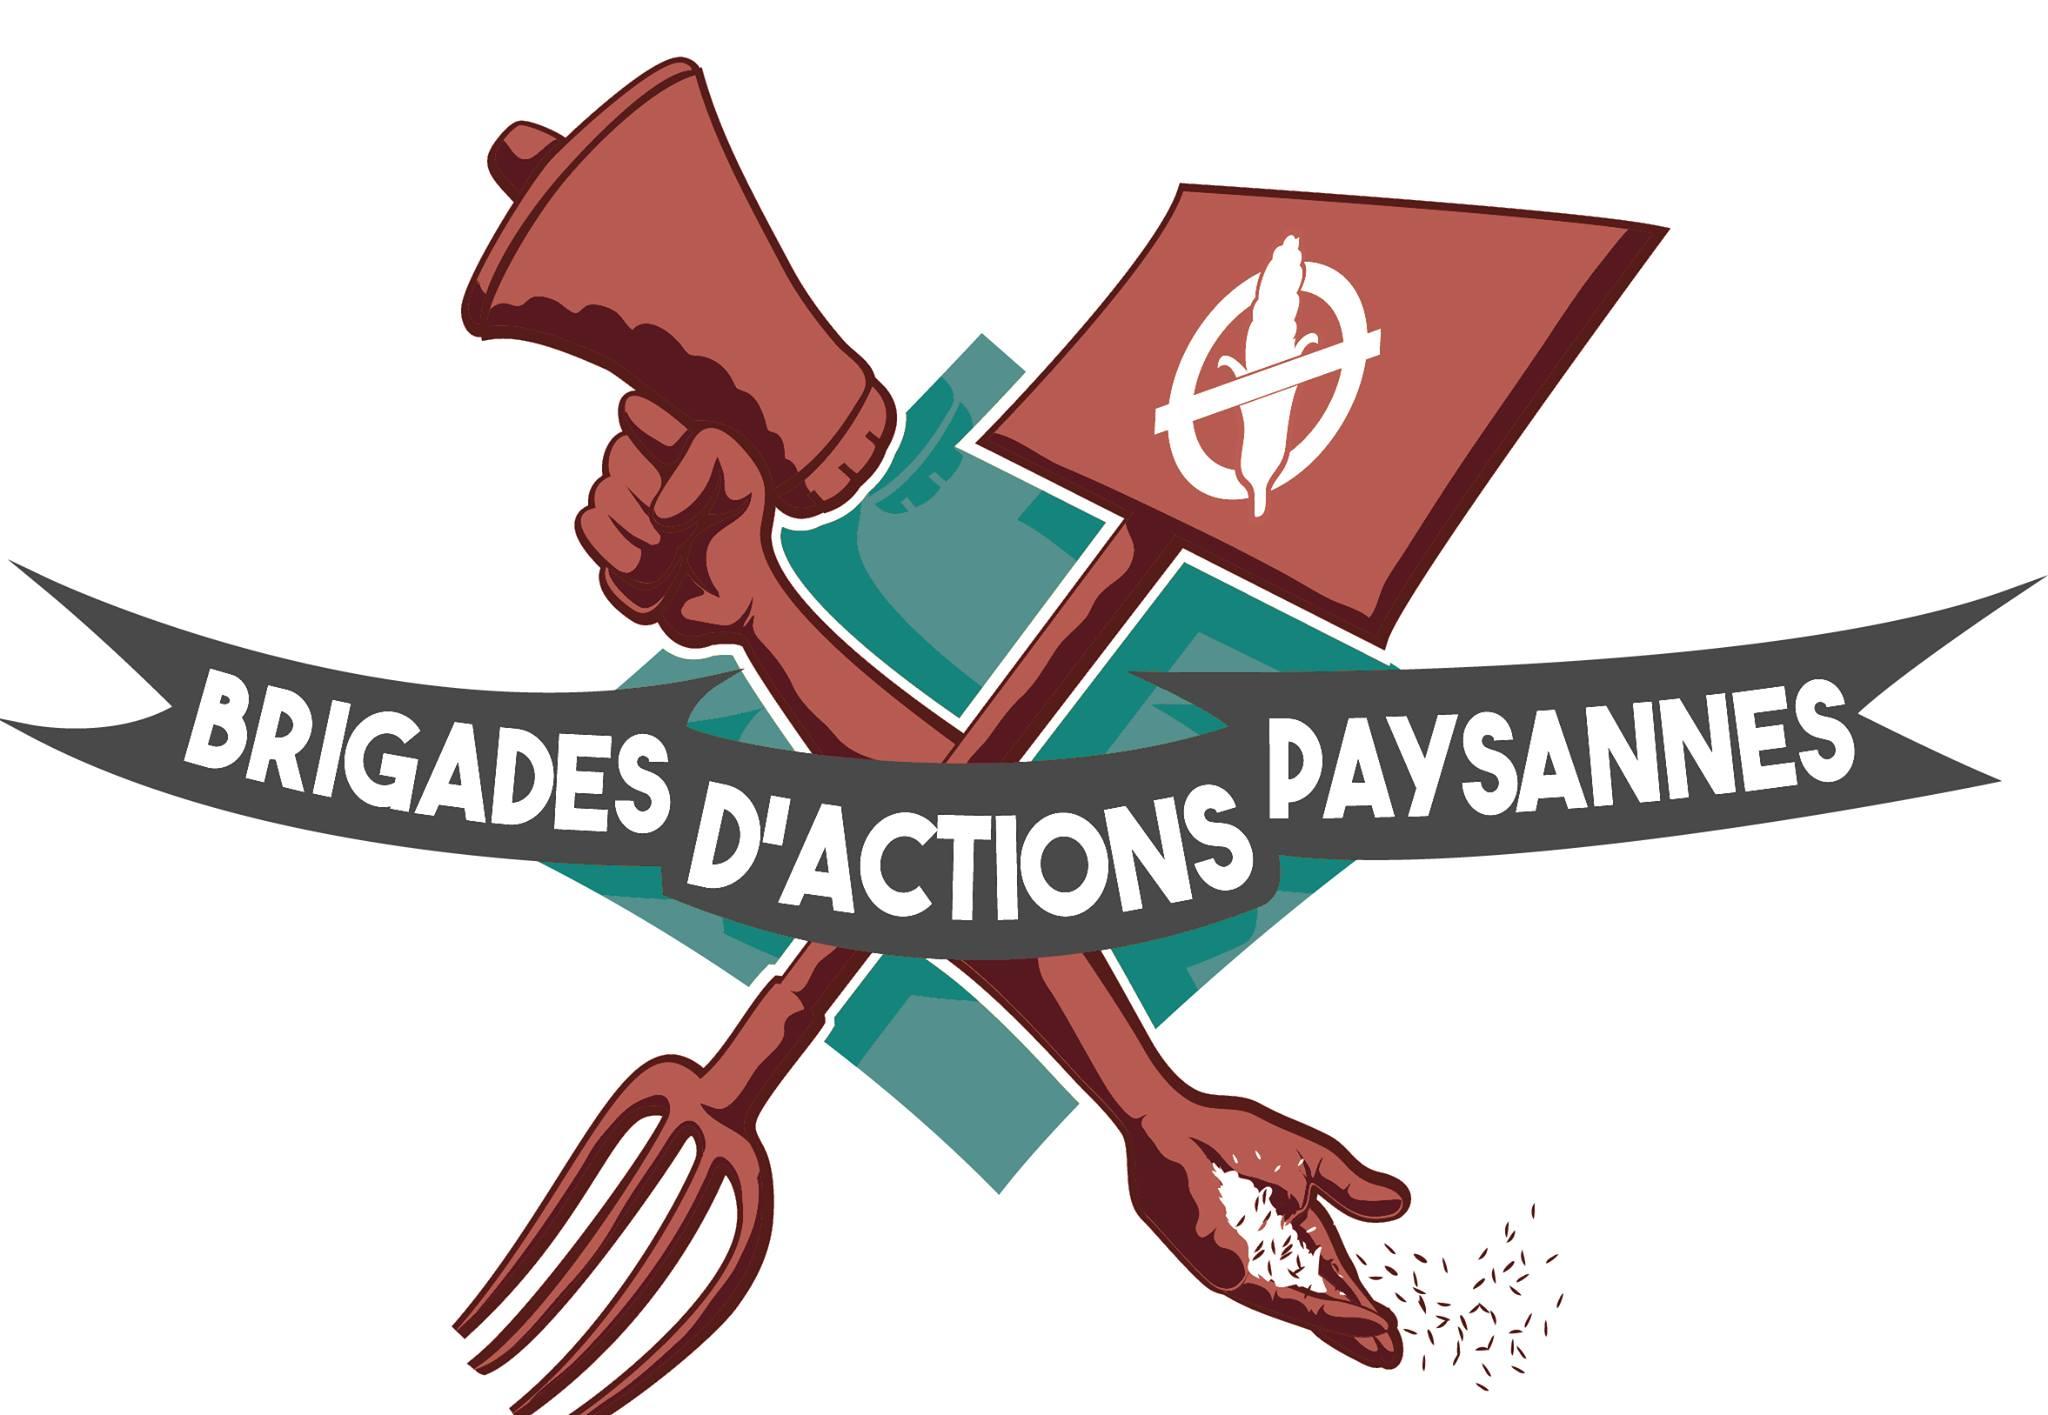 Brigades d'Actions Paysannes